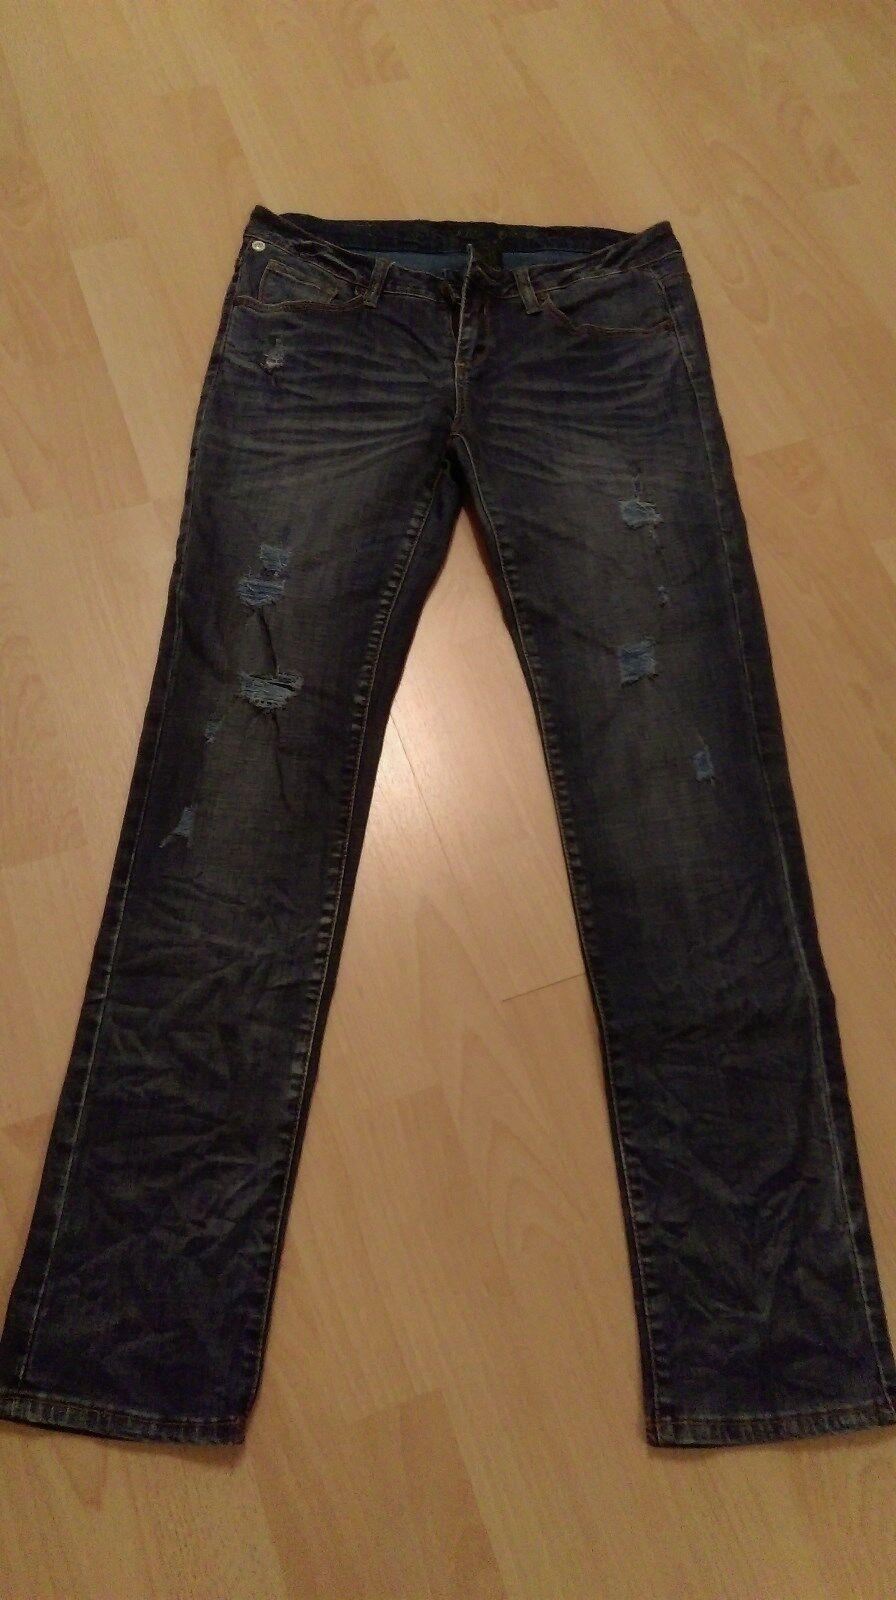 One Grün Elephant original original original Damen Hose Jeans Bogota Gr. 40 | Genialität  | Hochwertige Materialien  | Bekannt für seine gute Qualität  | Öffnen Sie das Interesse und die Innovation Ihres Kindes, aber auch die Unschuld von Kindern, kindlich, glücklich  5e482a